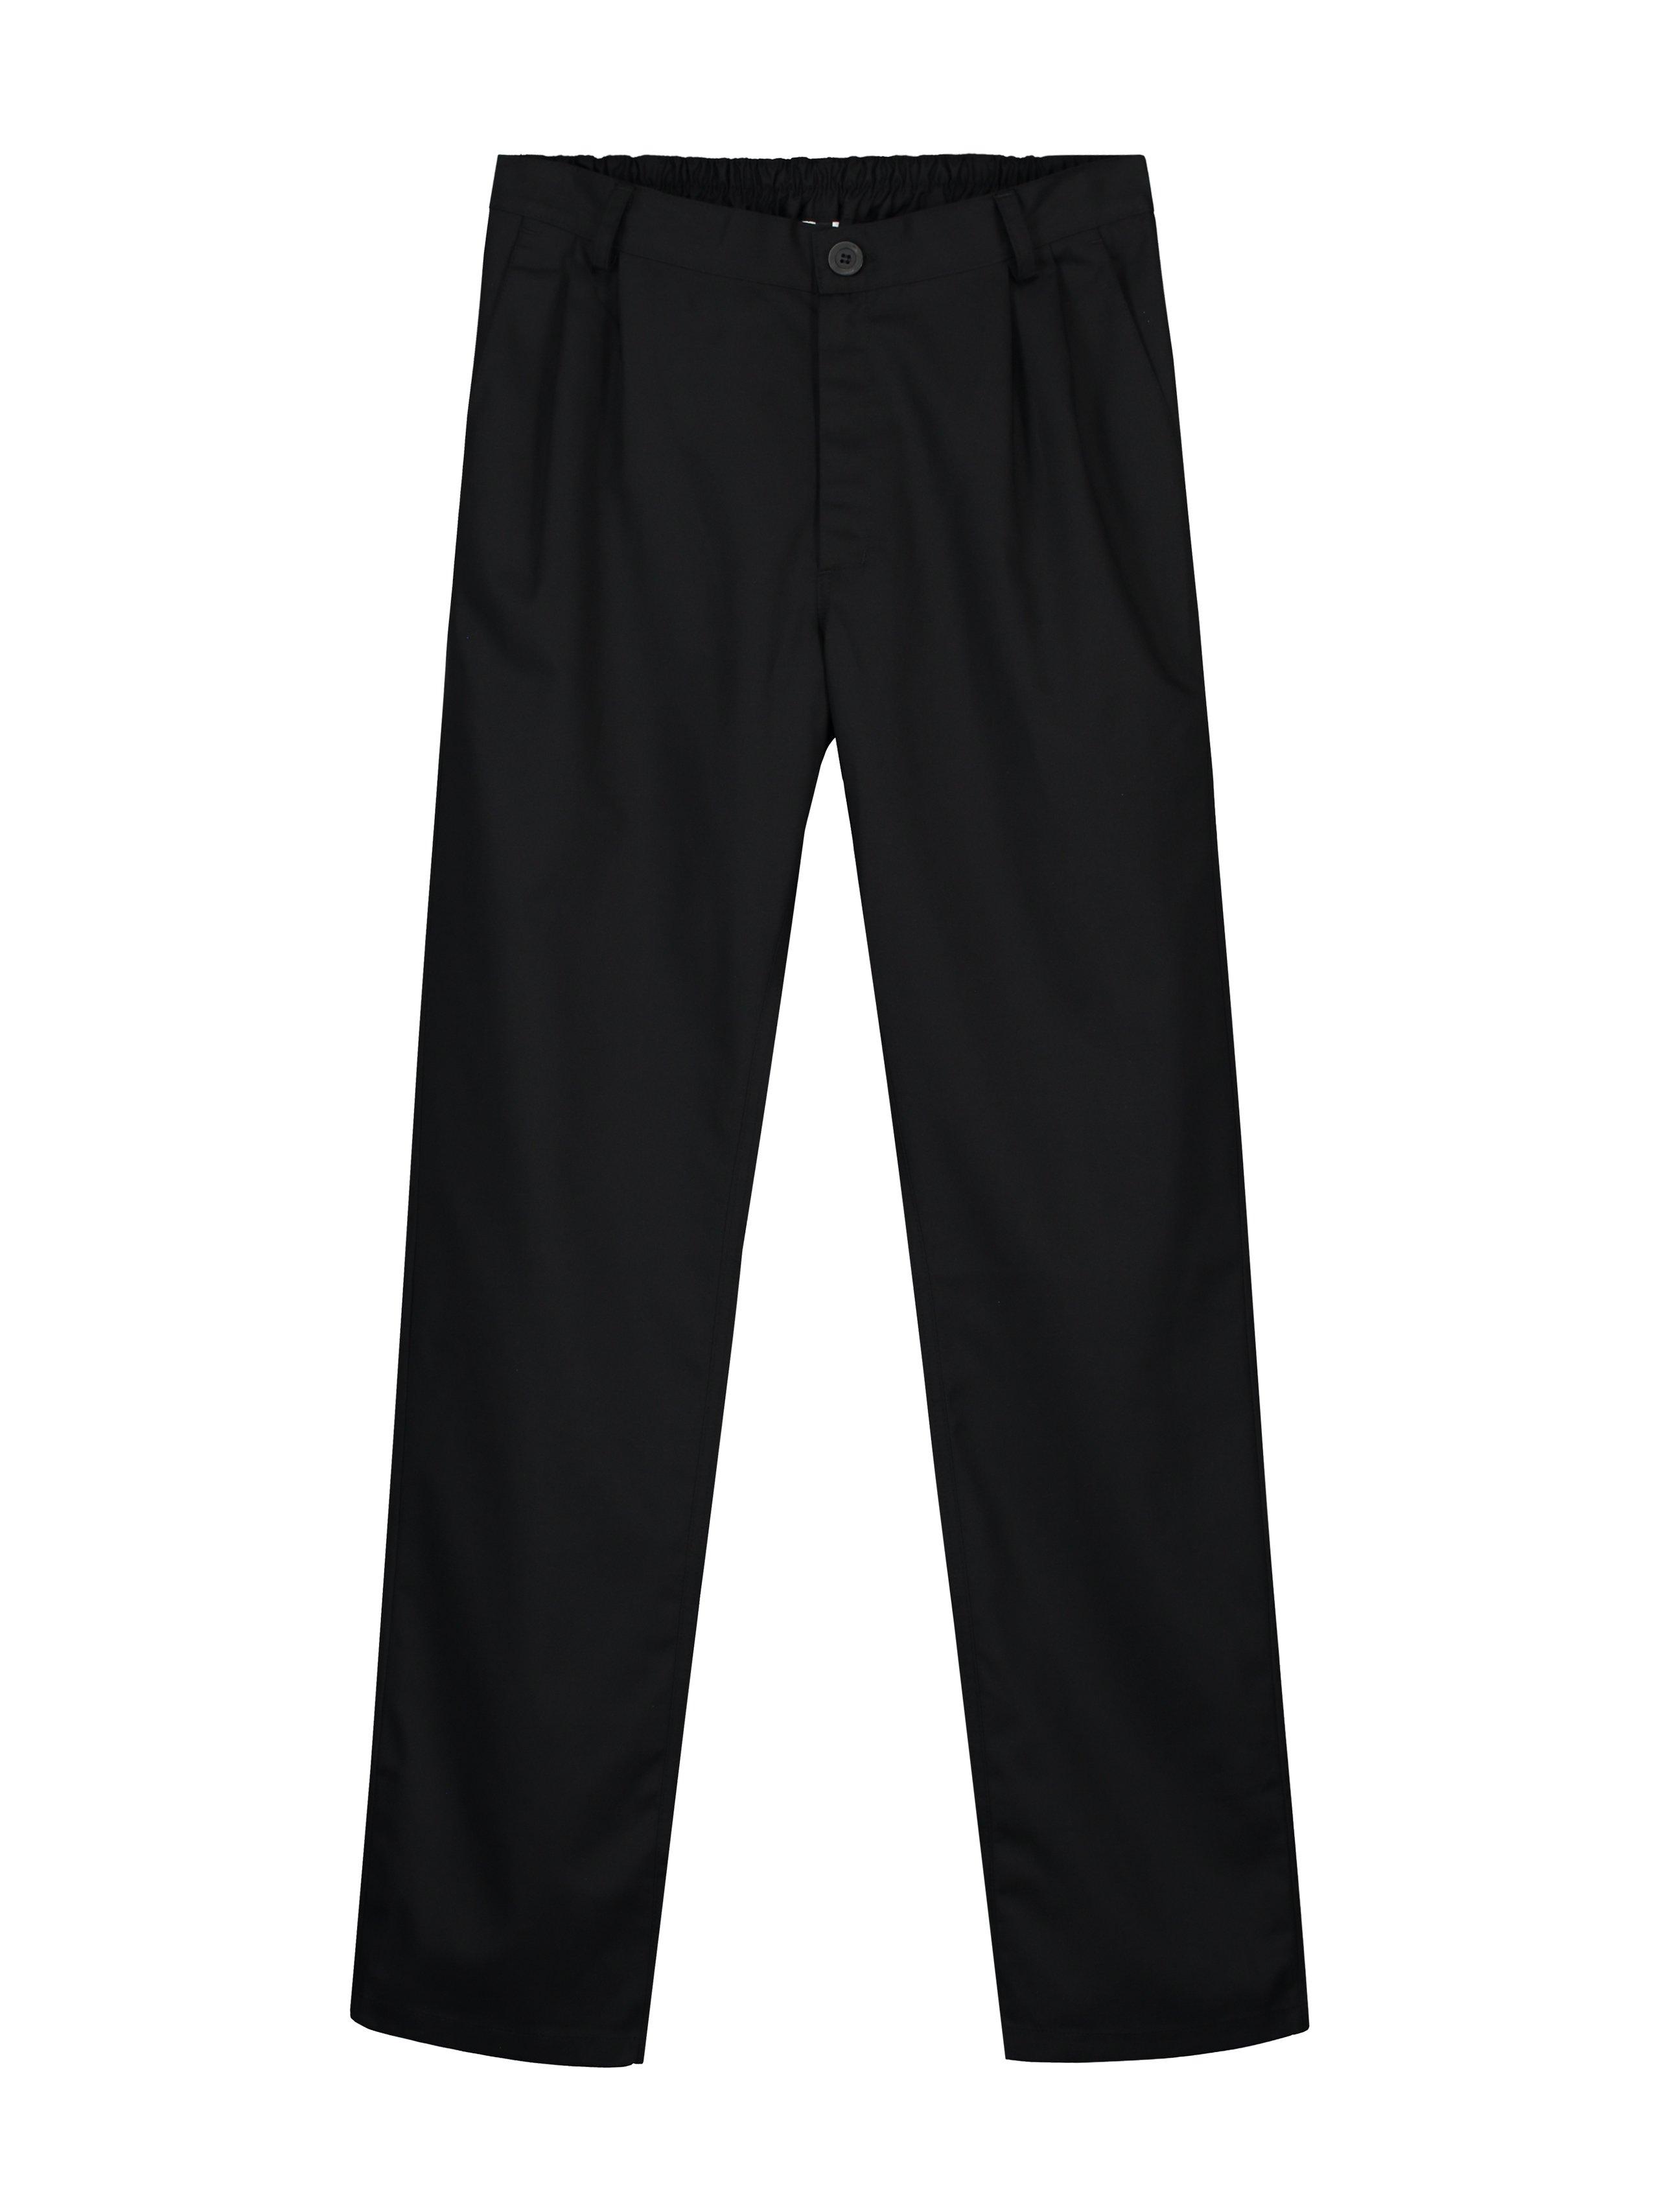 Pants Madrid Black